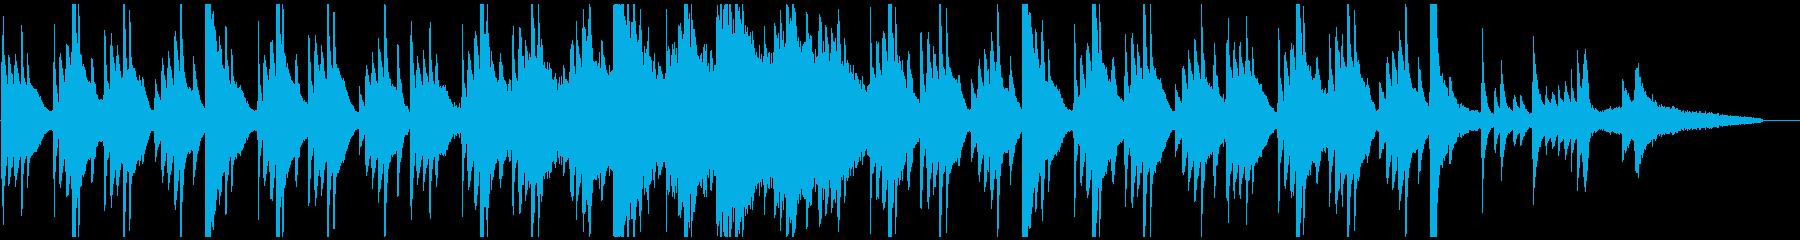 シンプルで感動的な音楽(ピアノメイン)の再生済みの波形